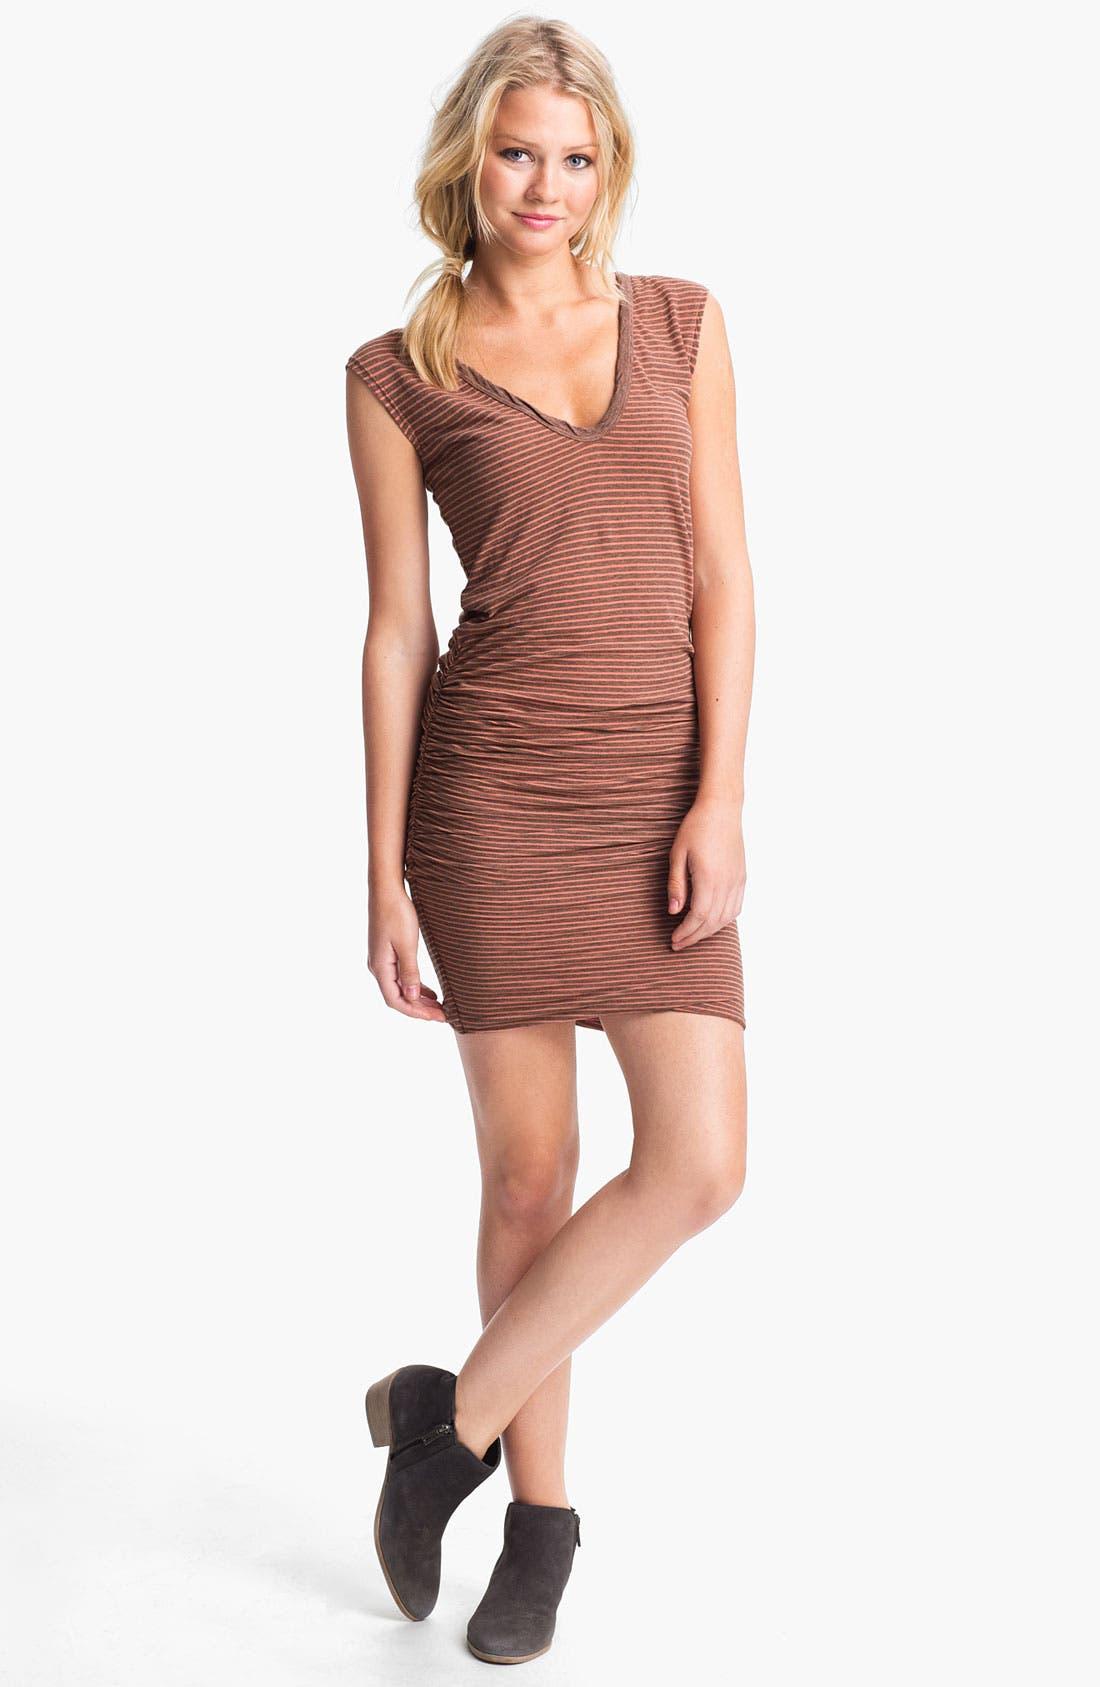 Alternate Image 1 Selected - James Perse Stripe Ruched V-Neck Dress